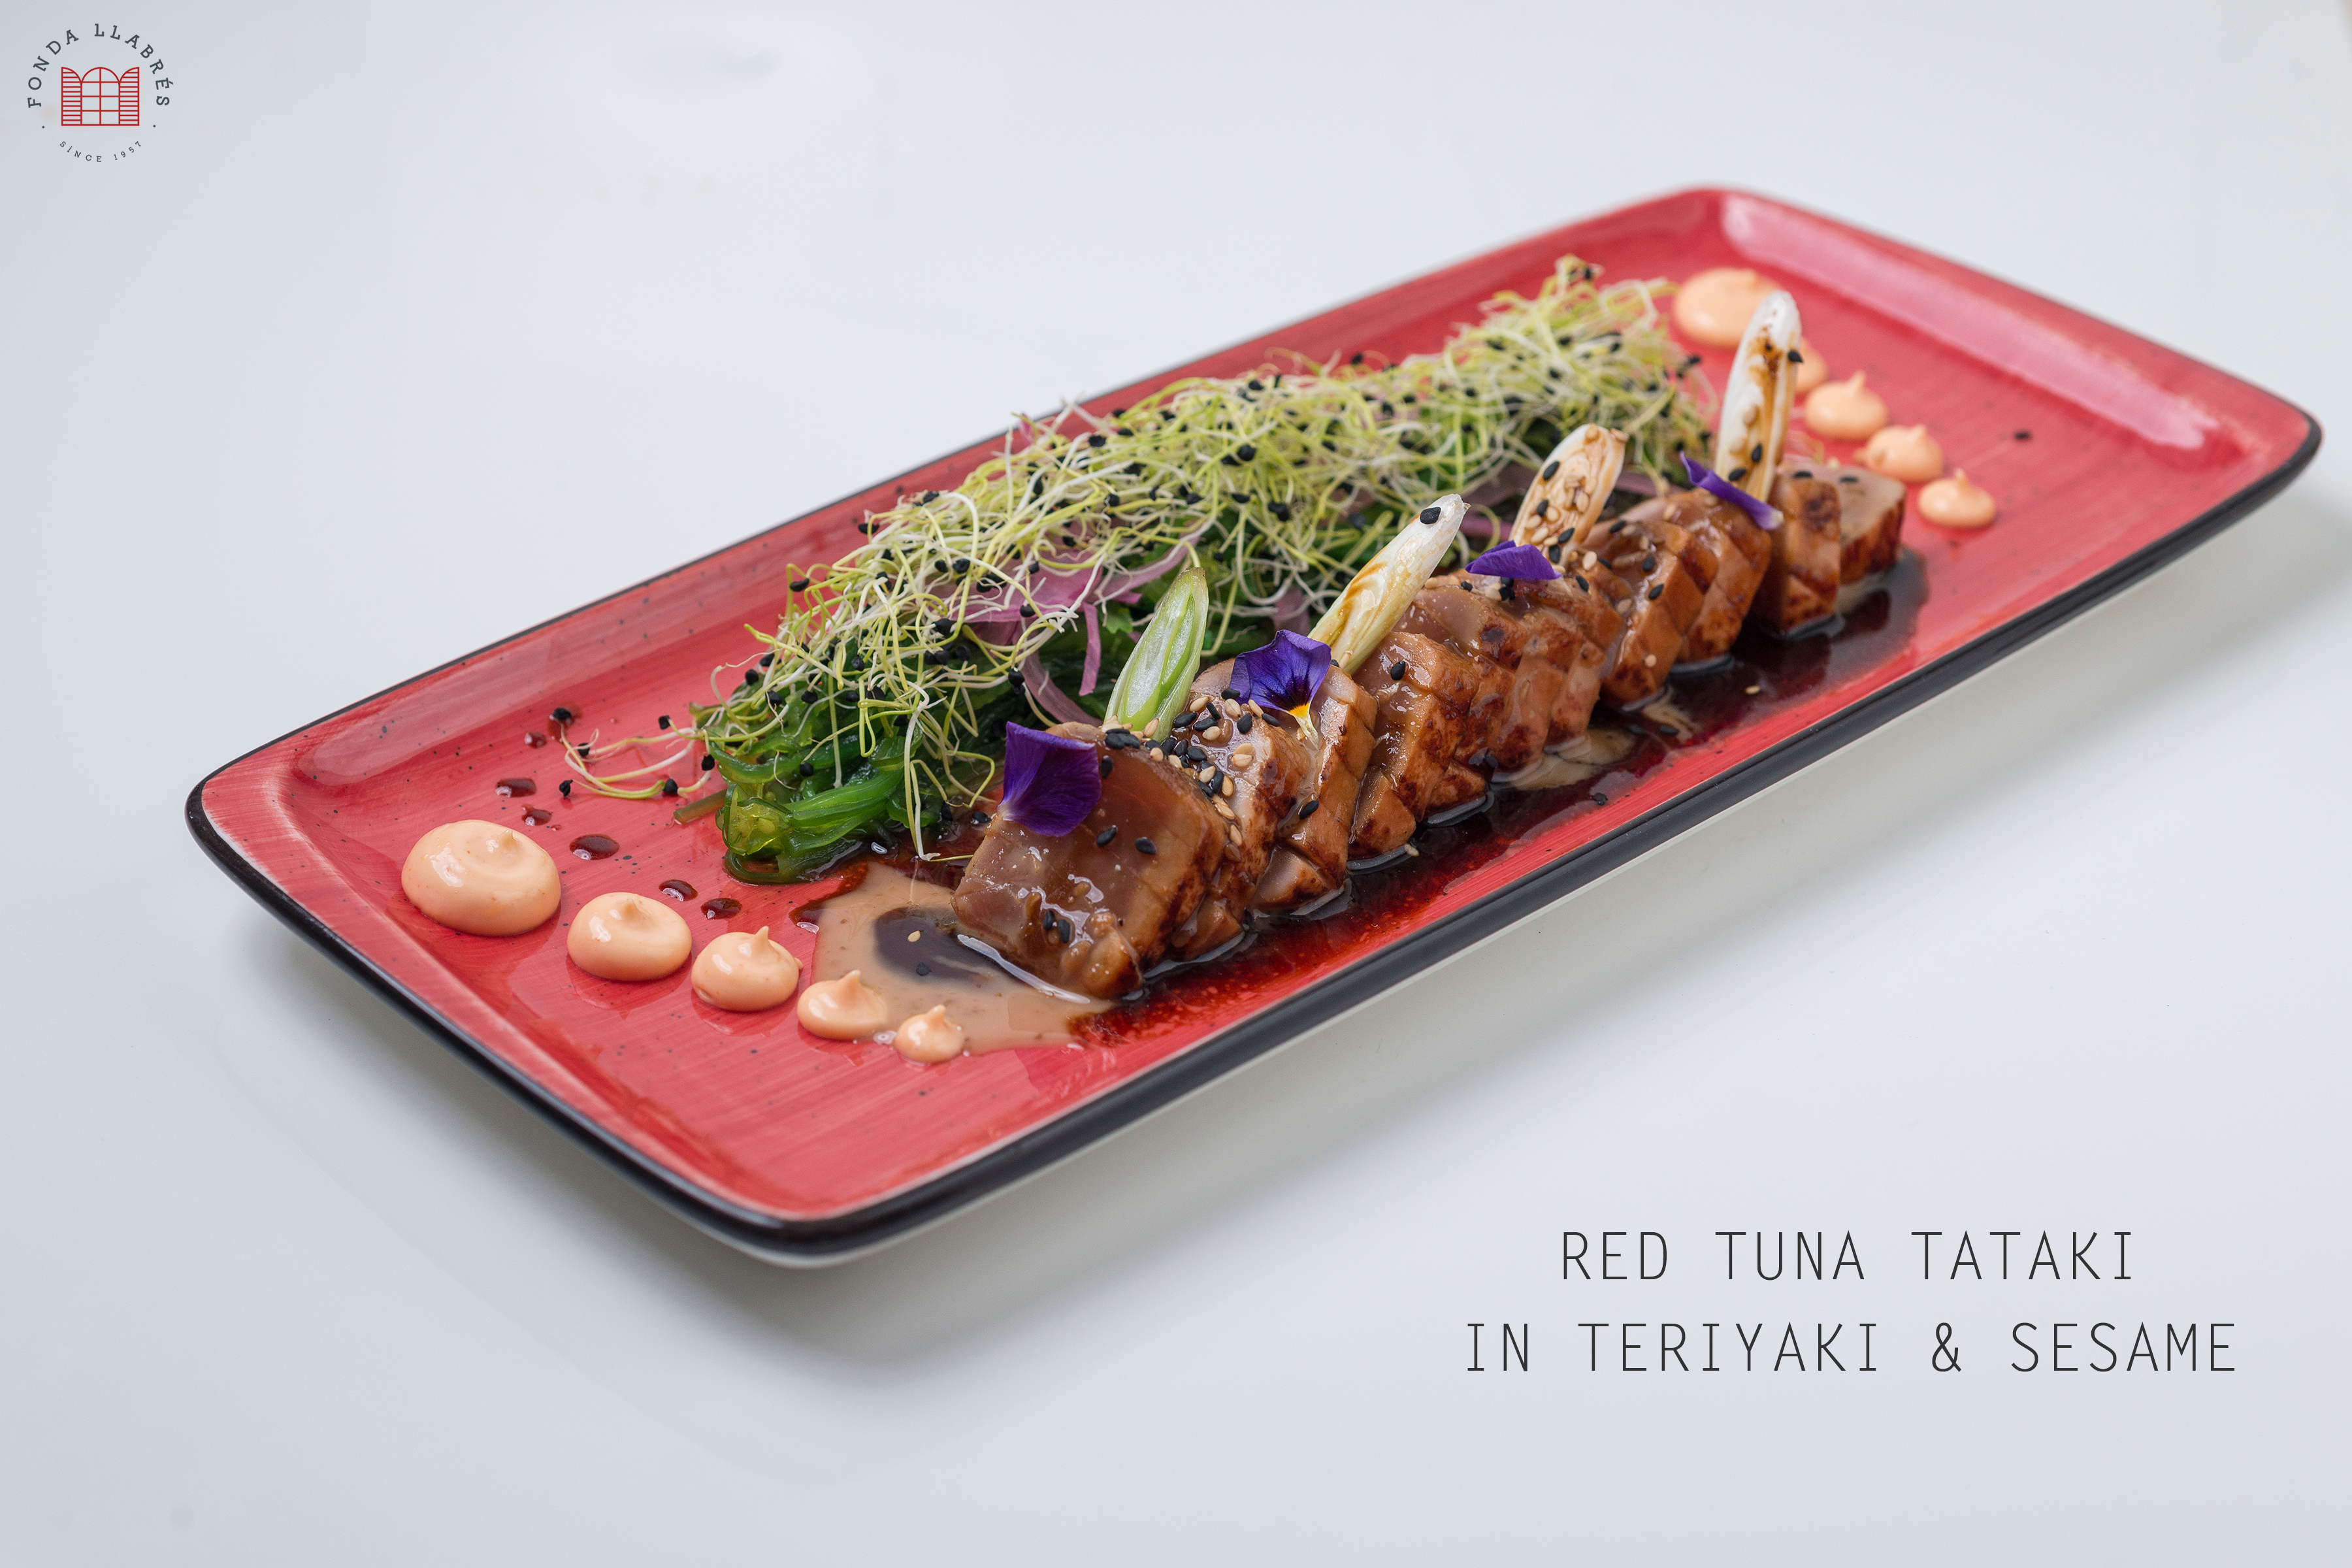 Tataki de atún rojo @fondallabres